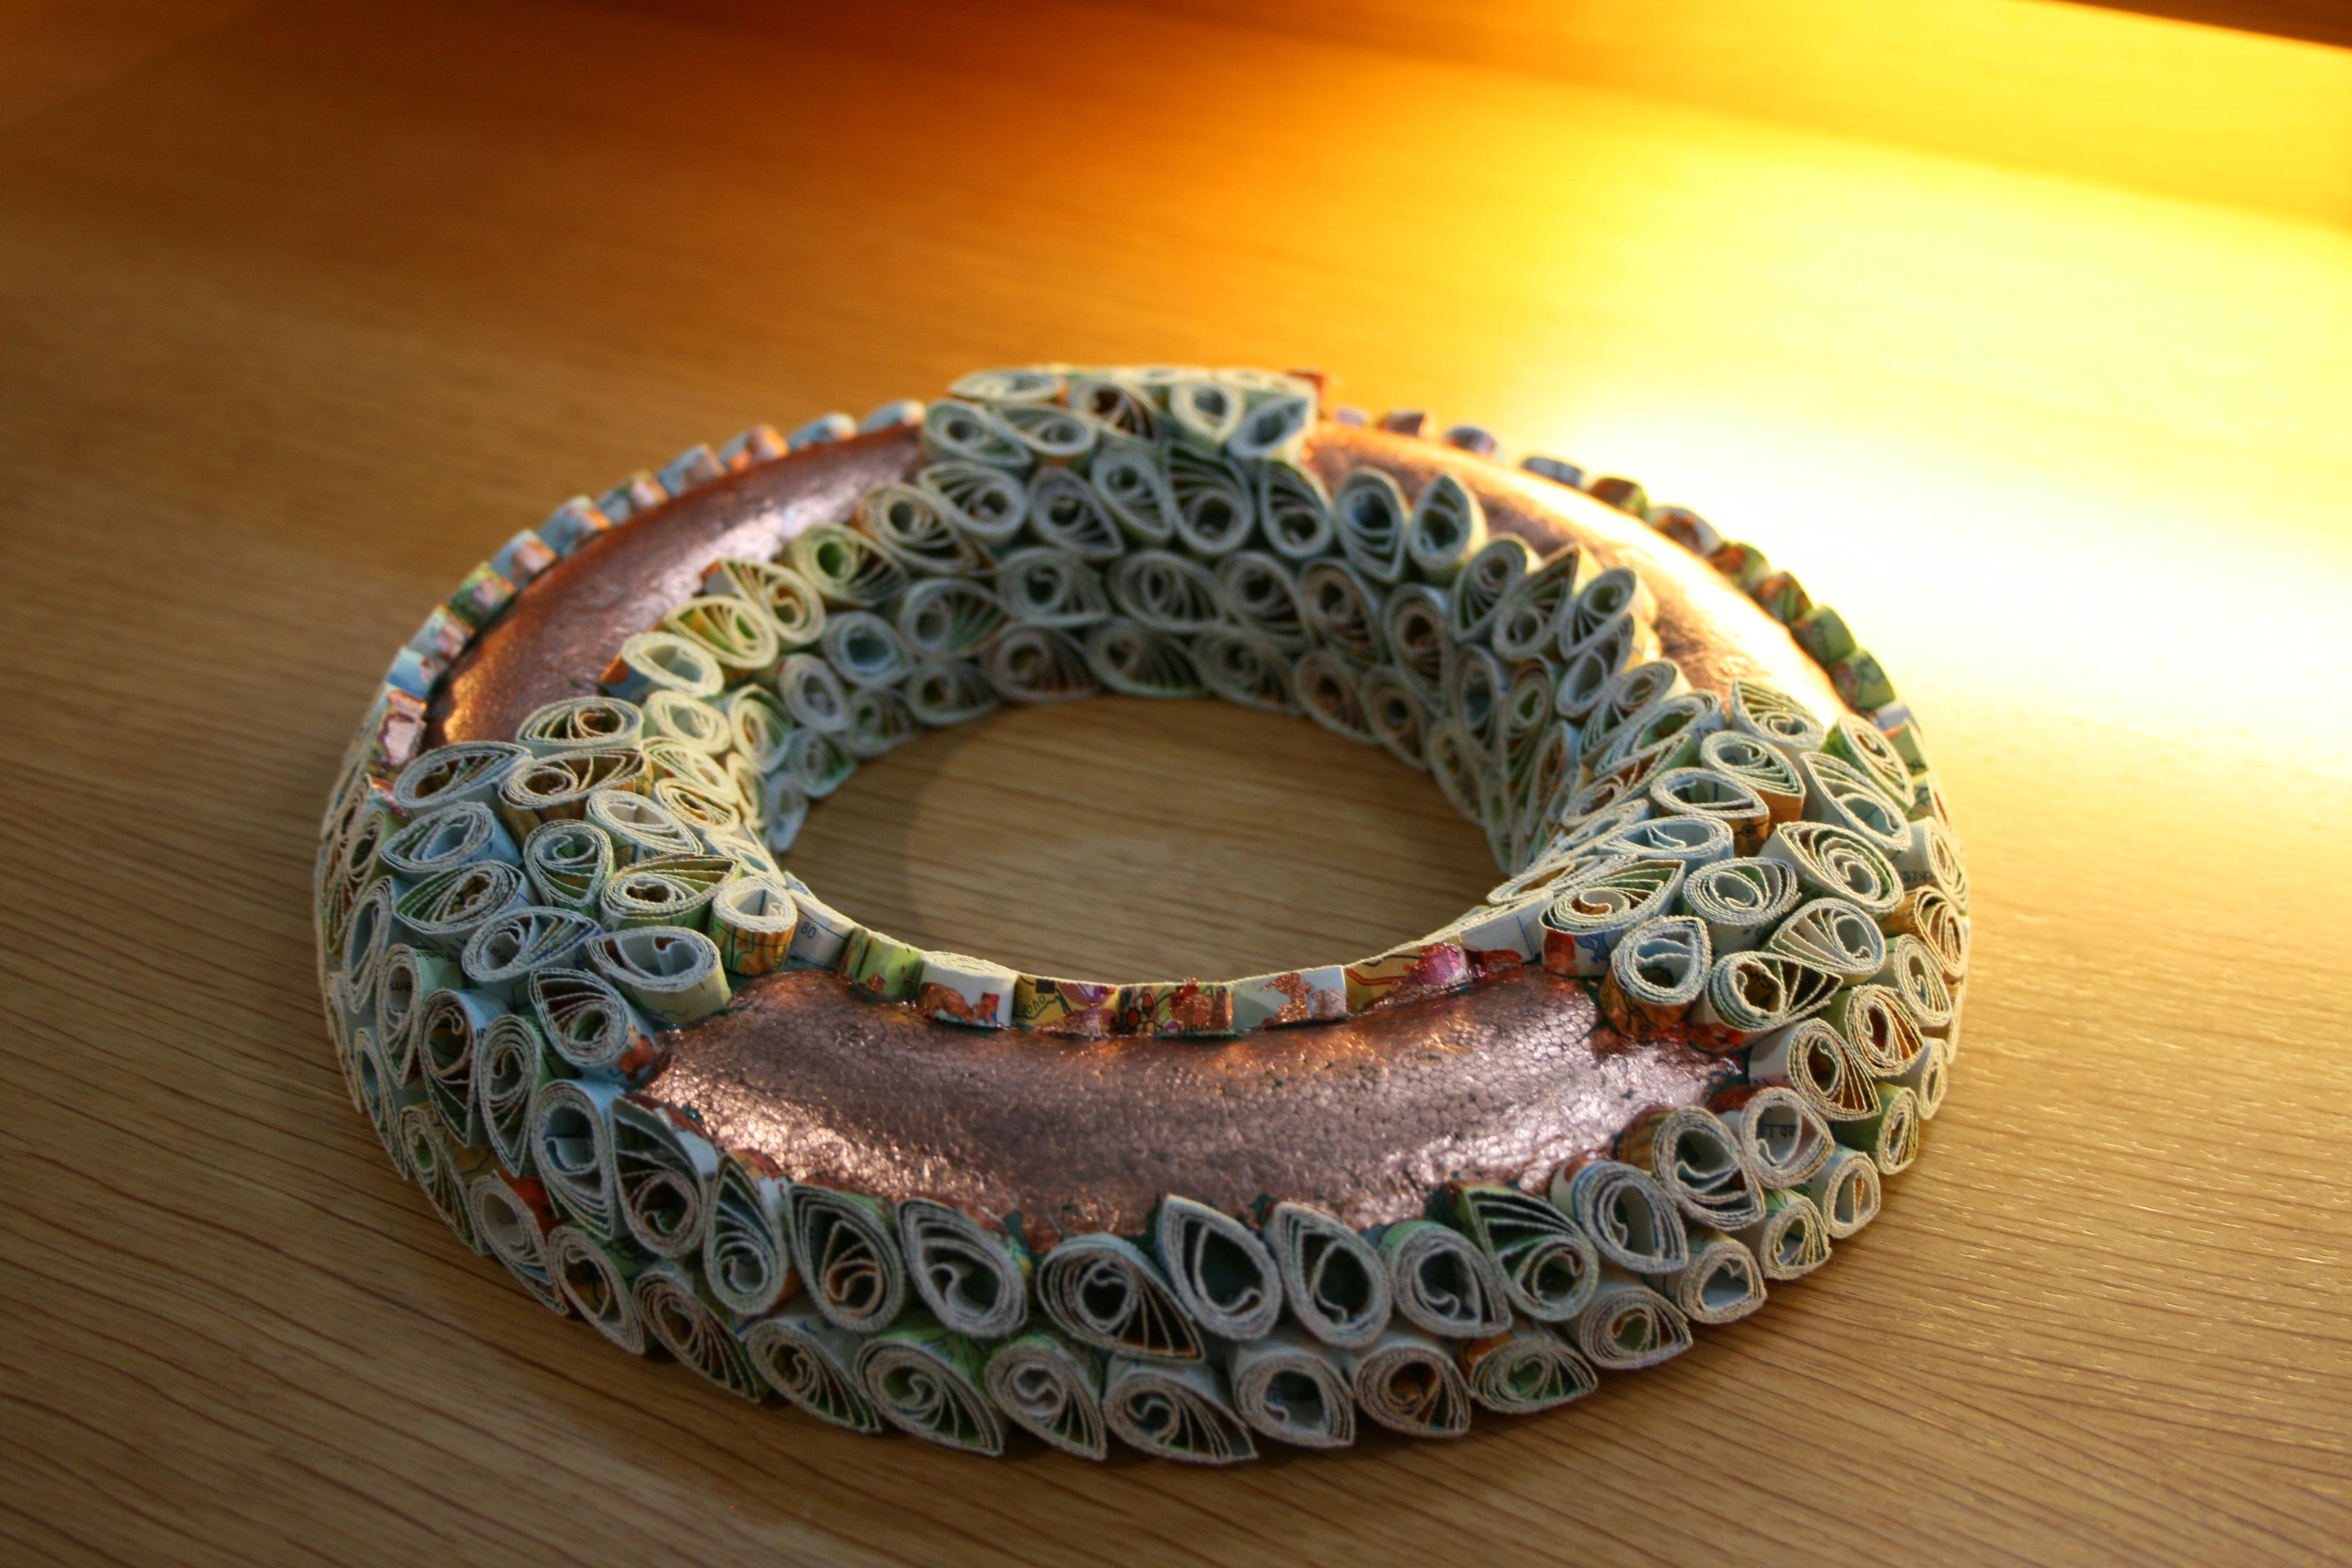 Ein Ring, teilweise mit weißen Elementen verziert, die freien Stellen sind mit bronzefarbener Farbe gestaltet.